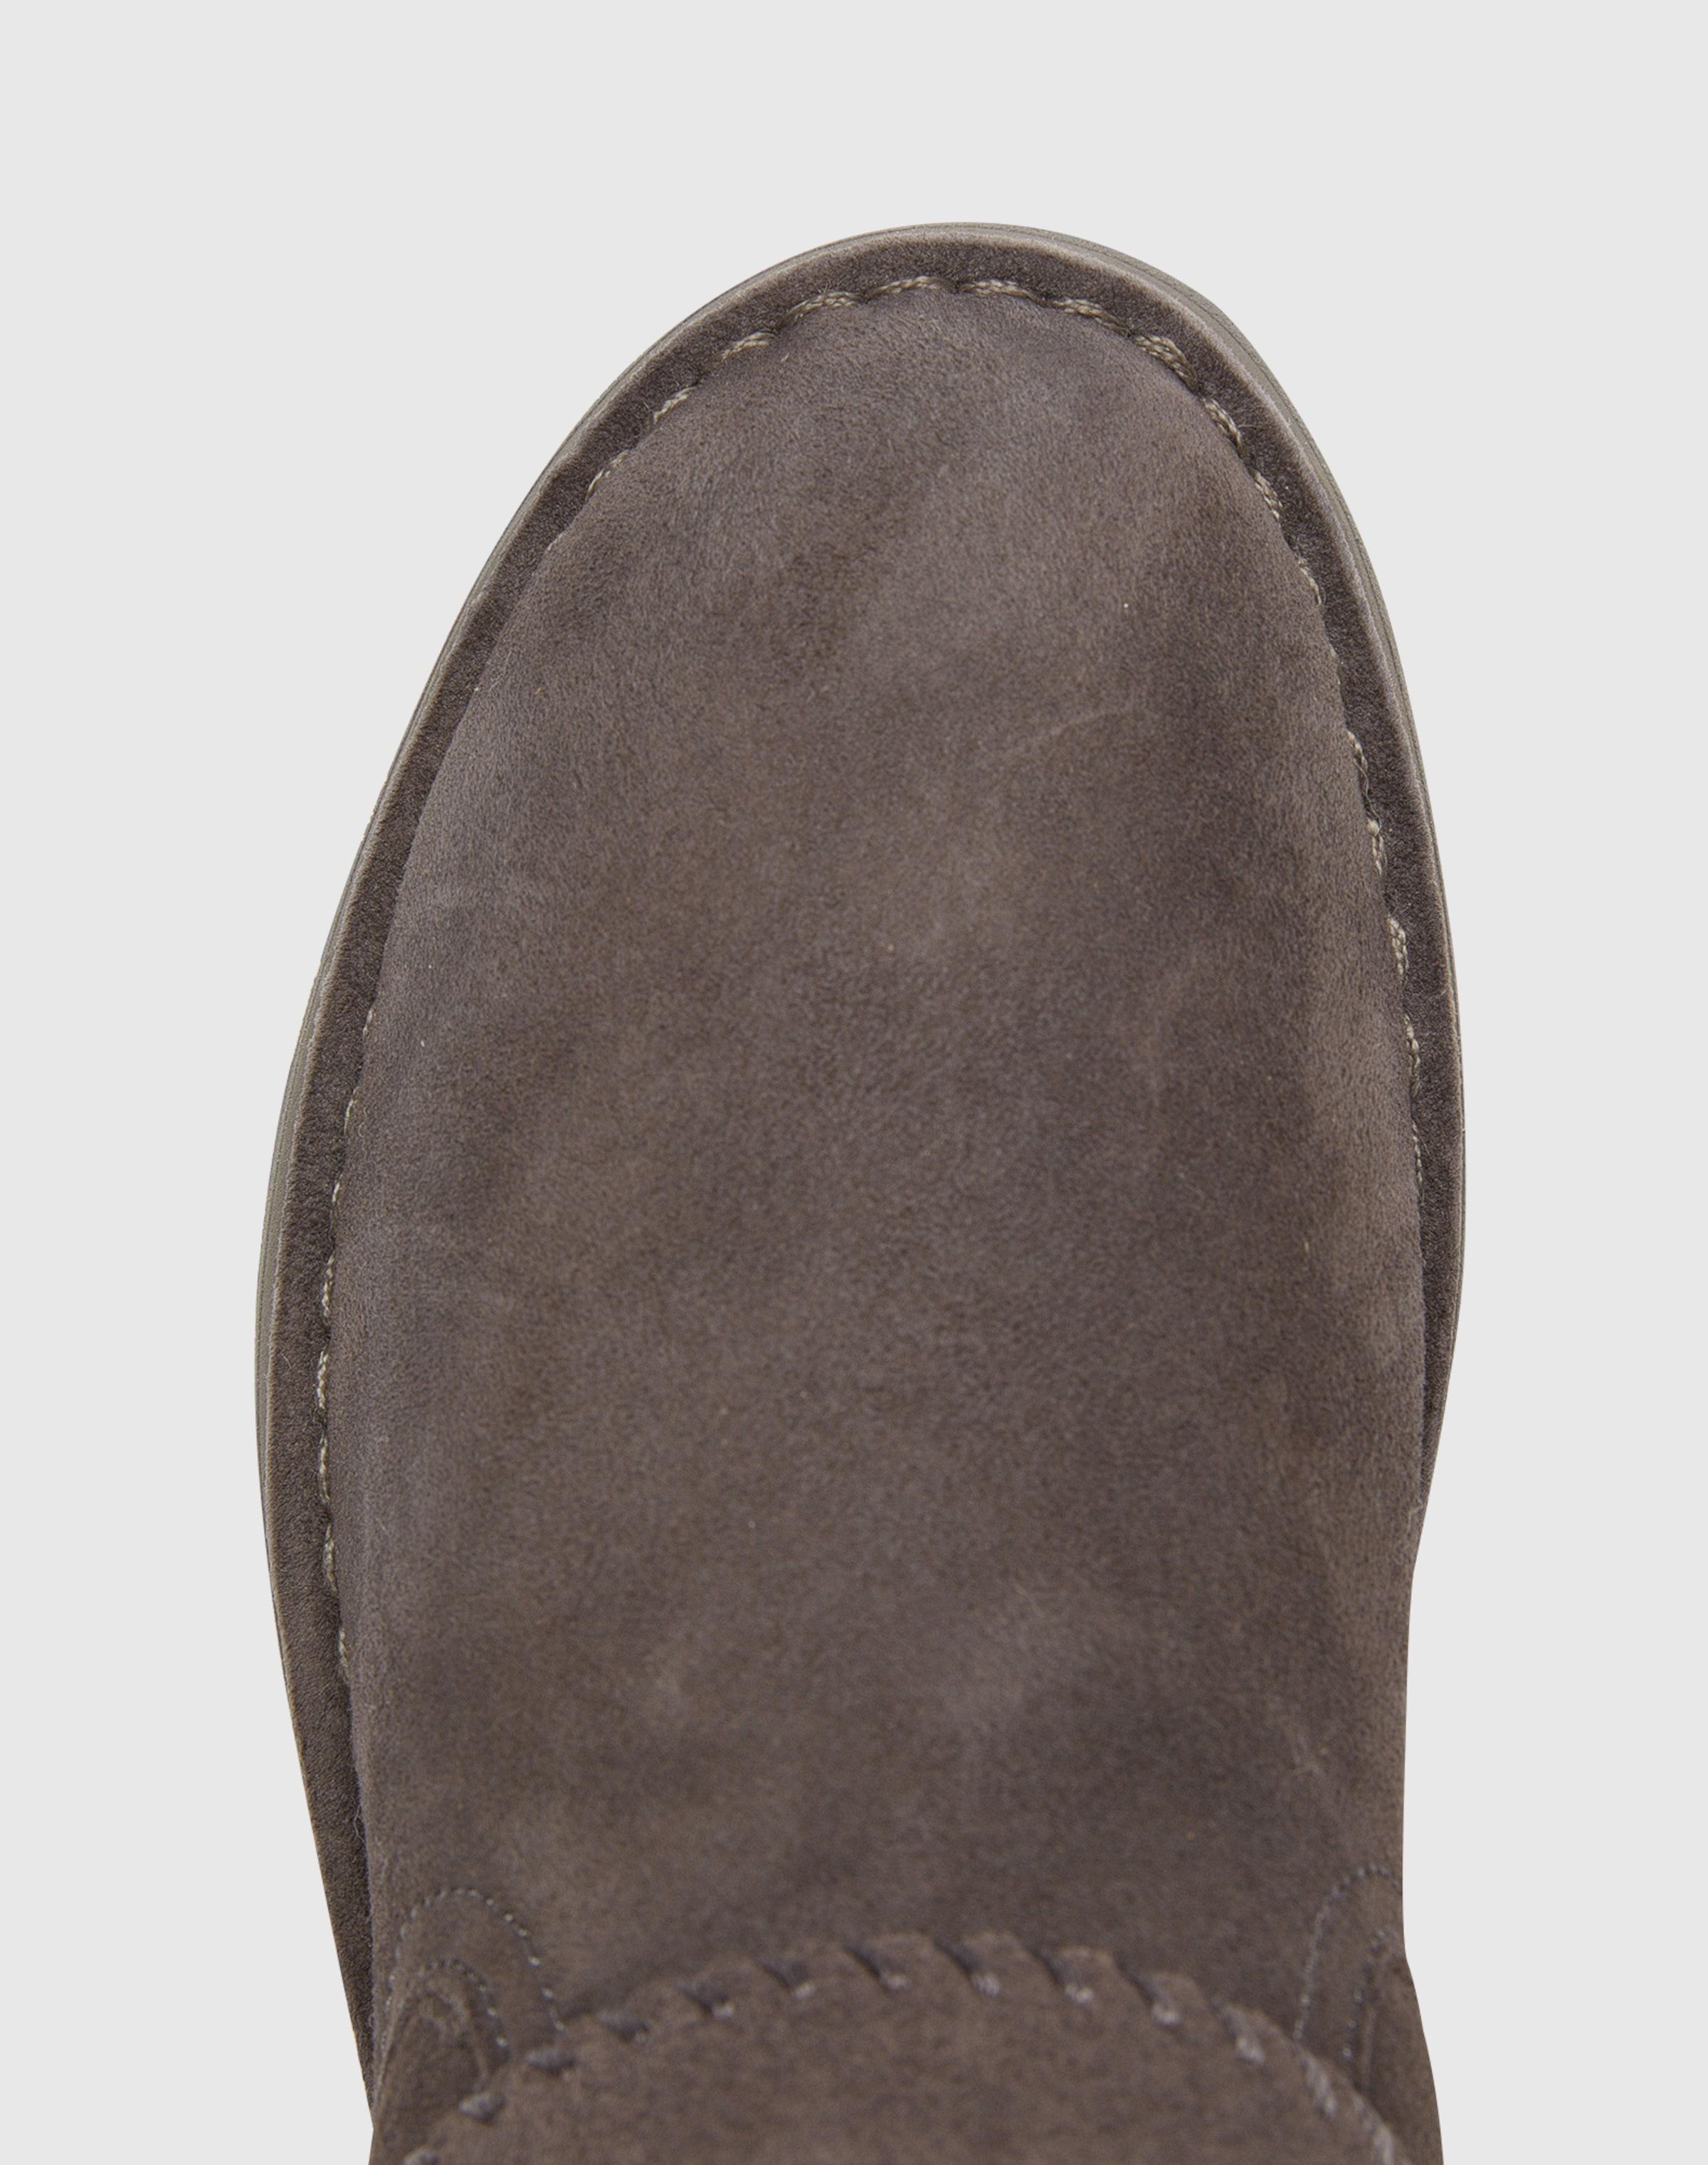 UGG Boots 'Cedric' Billige Neue Stile Ebay Günstiger Preis Billig Verkauf Nicekicks Auslass Bester Verkauf FOCTK